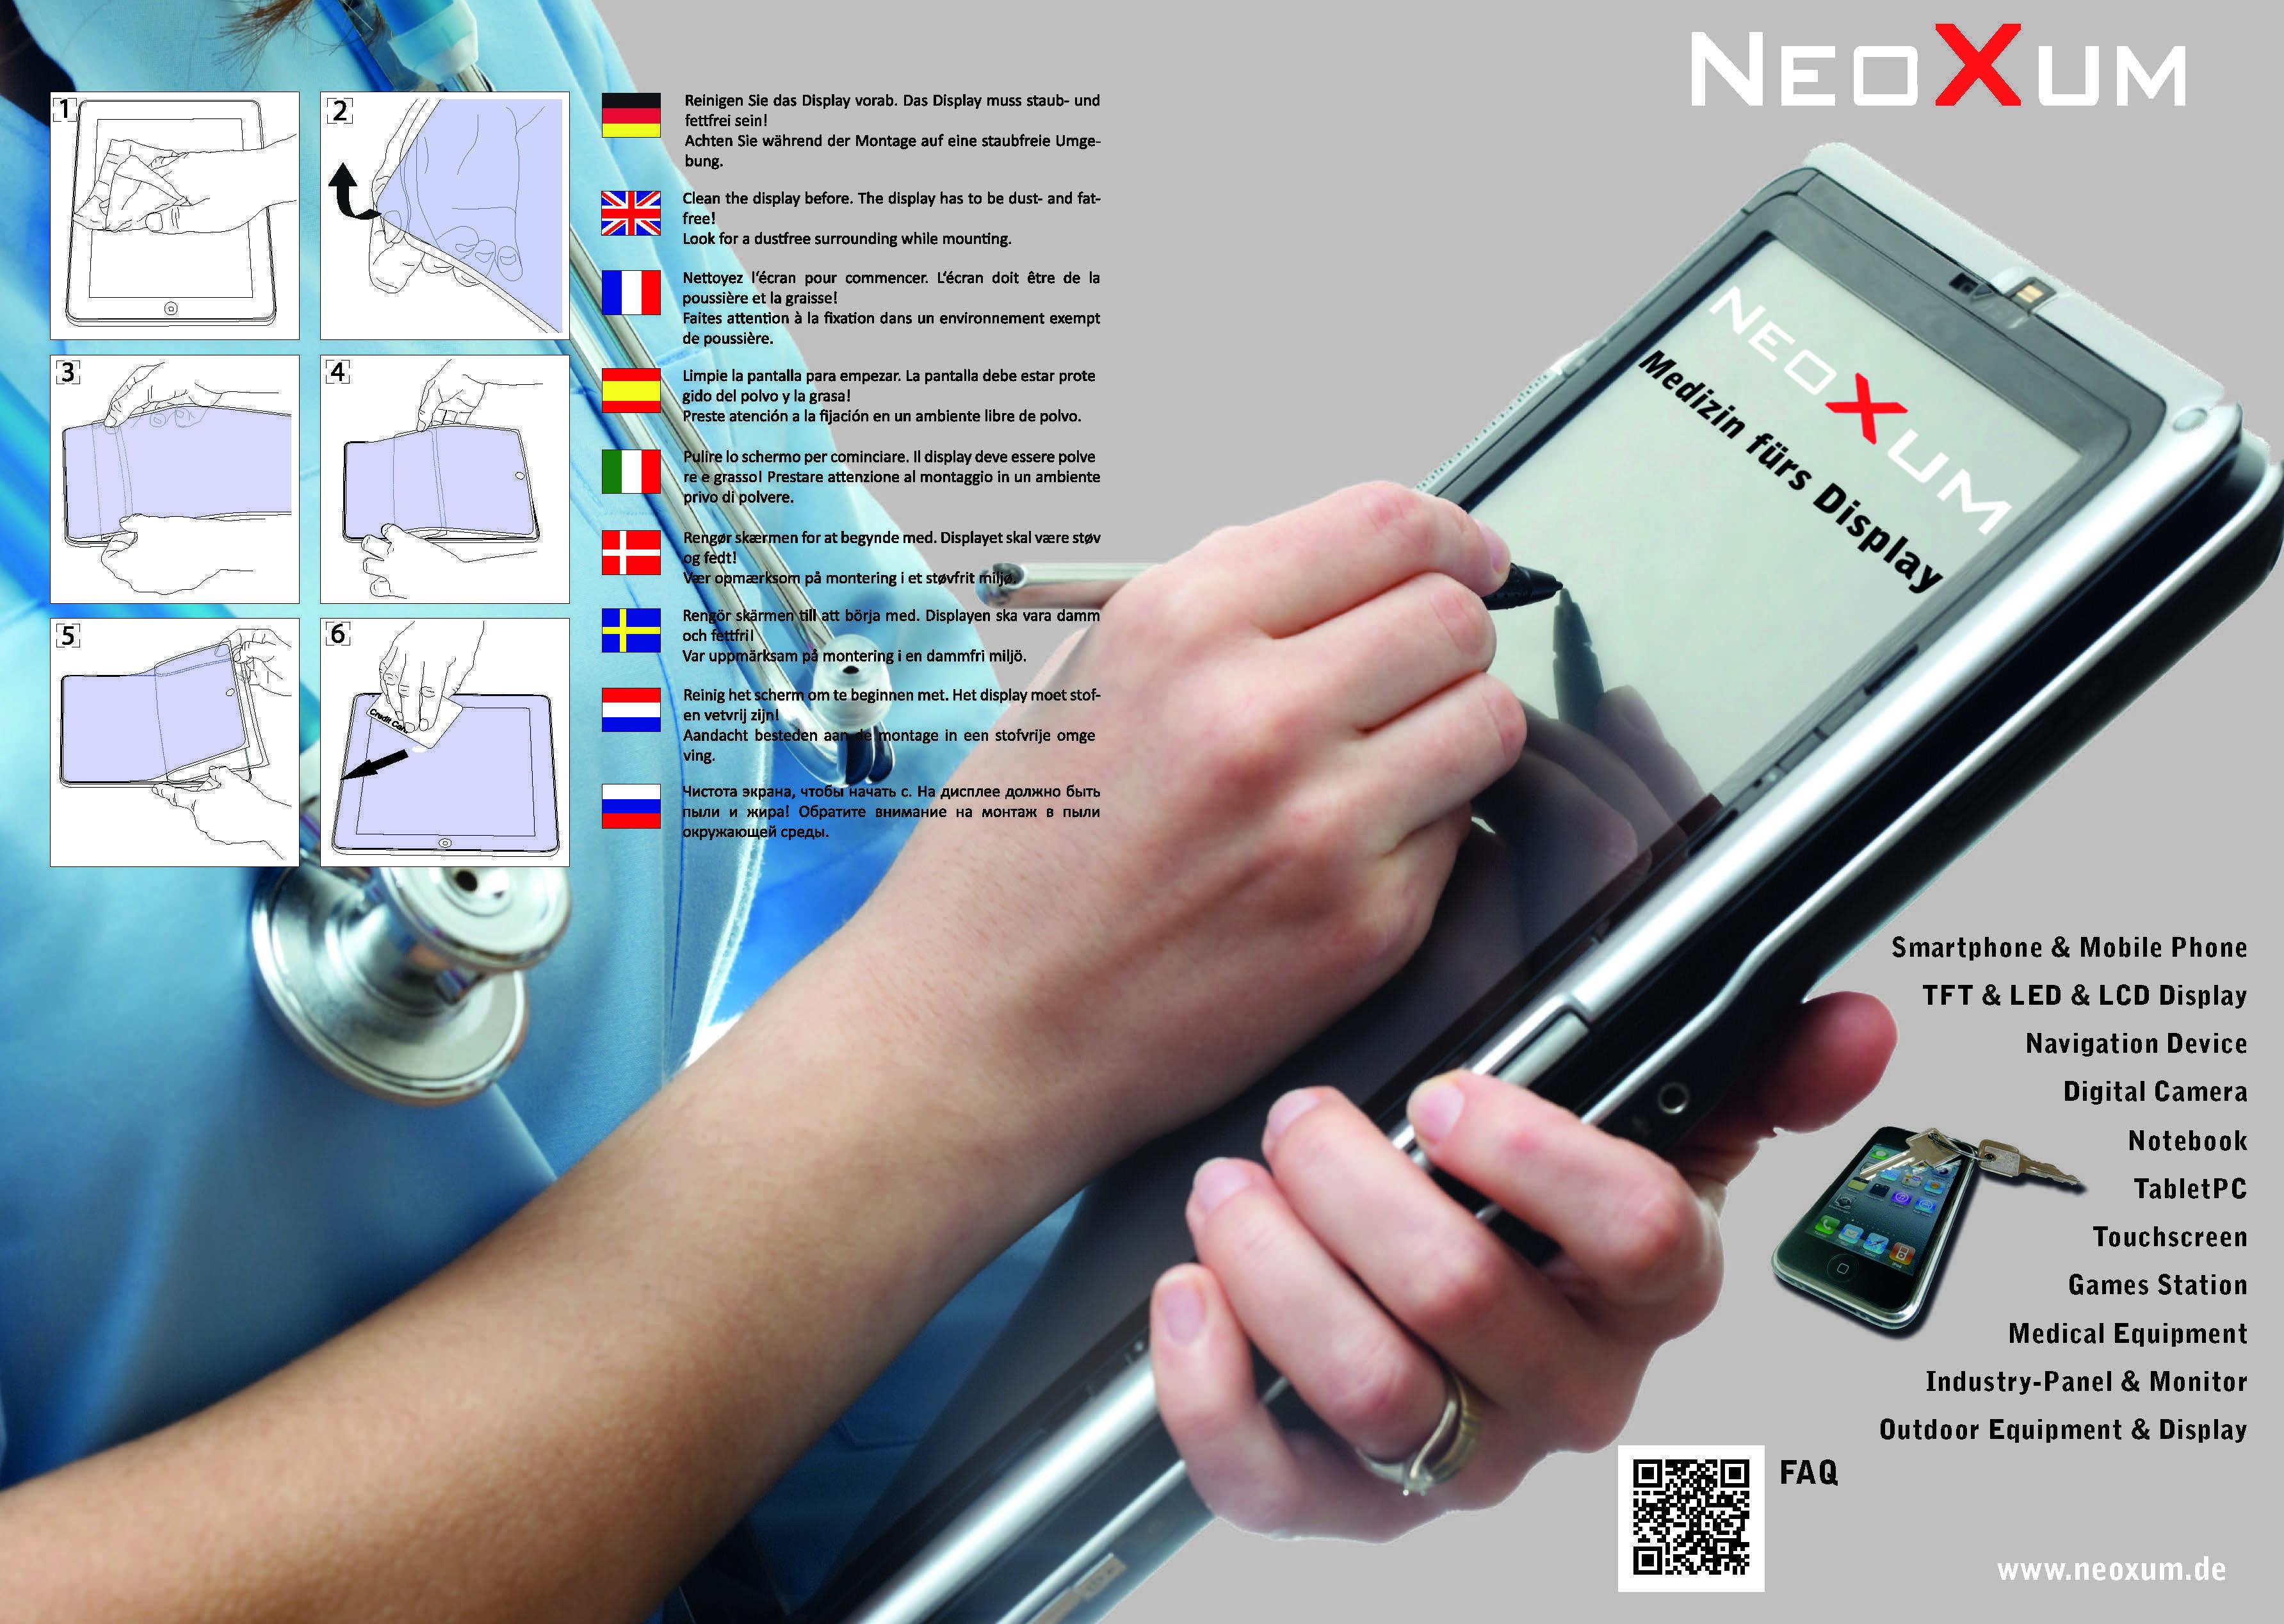 Neoxum Verpackung Displayschutz Tablet Folie Aufbringen_Seite_2